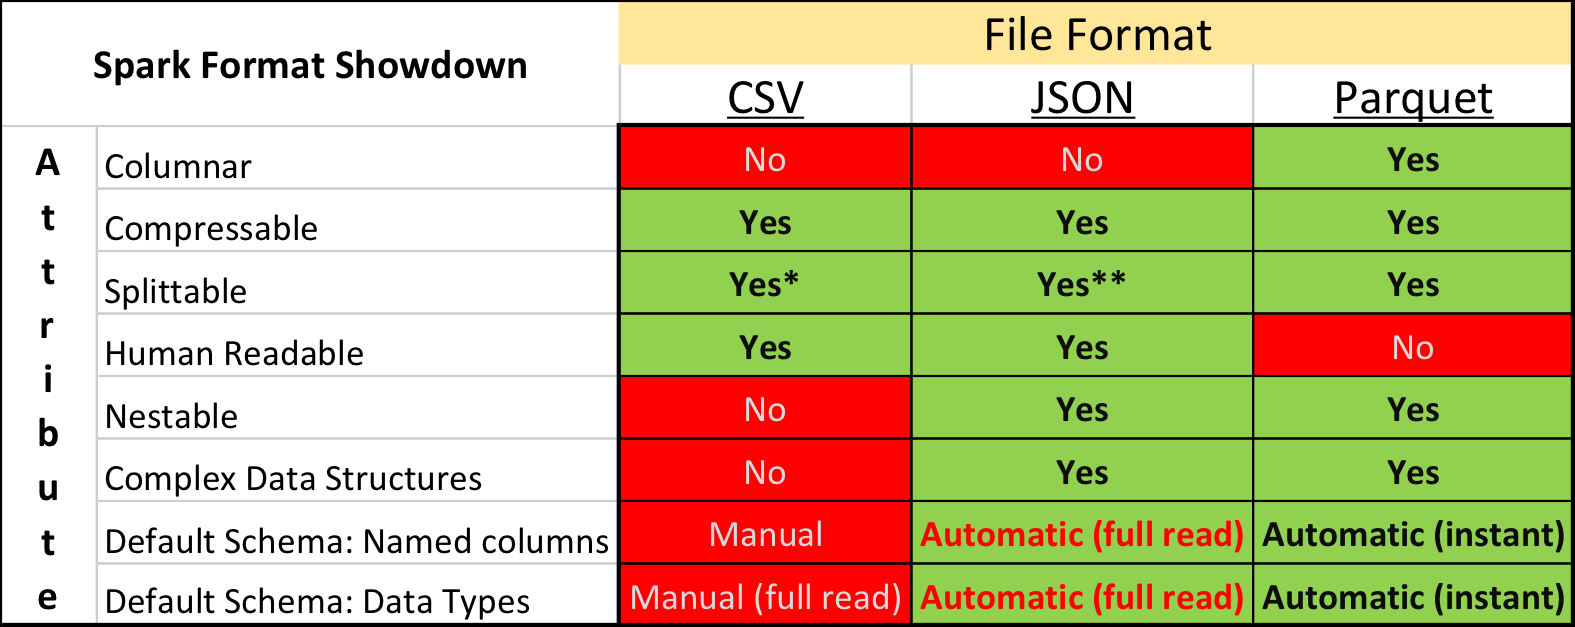 csv vs json vs parquet 비교표 <br>https://garrens.com/blog/2017/10/09/spark-file-format-showdown-csv-vs-json-vs-parquet/